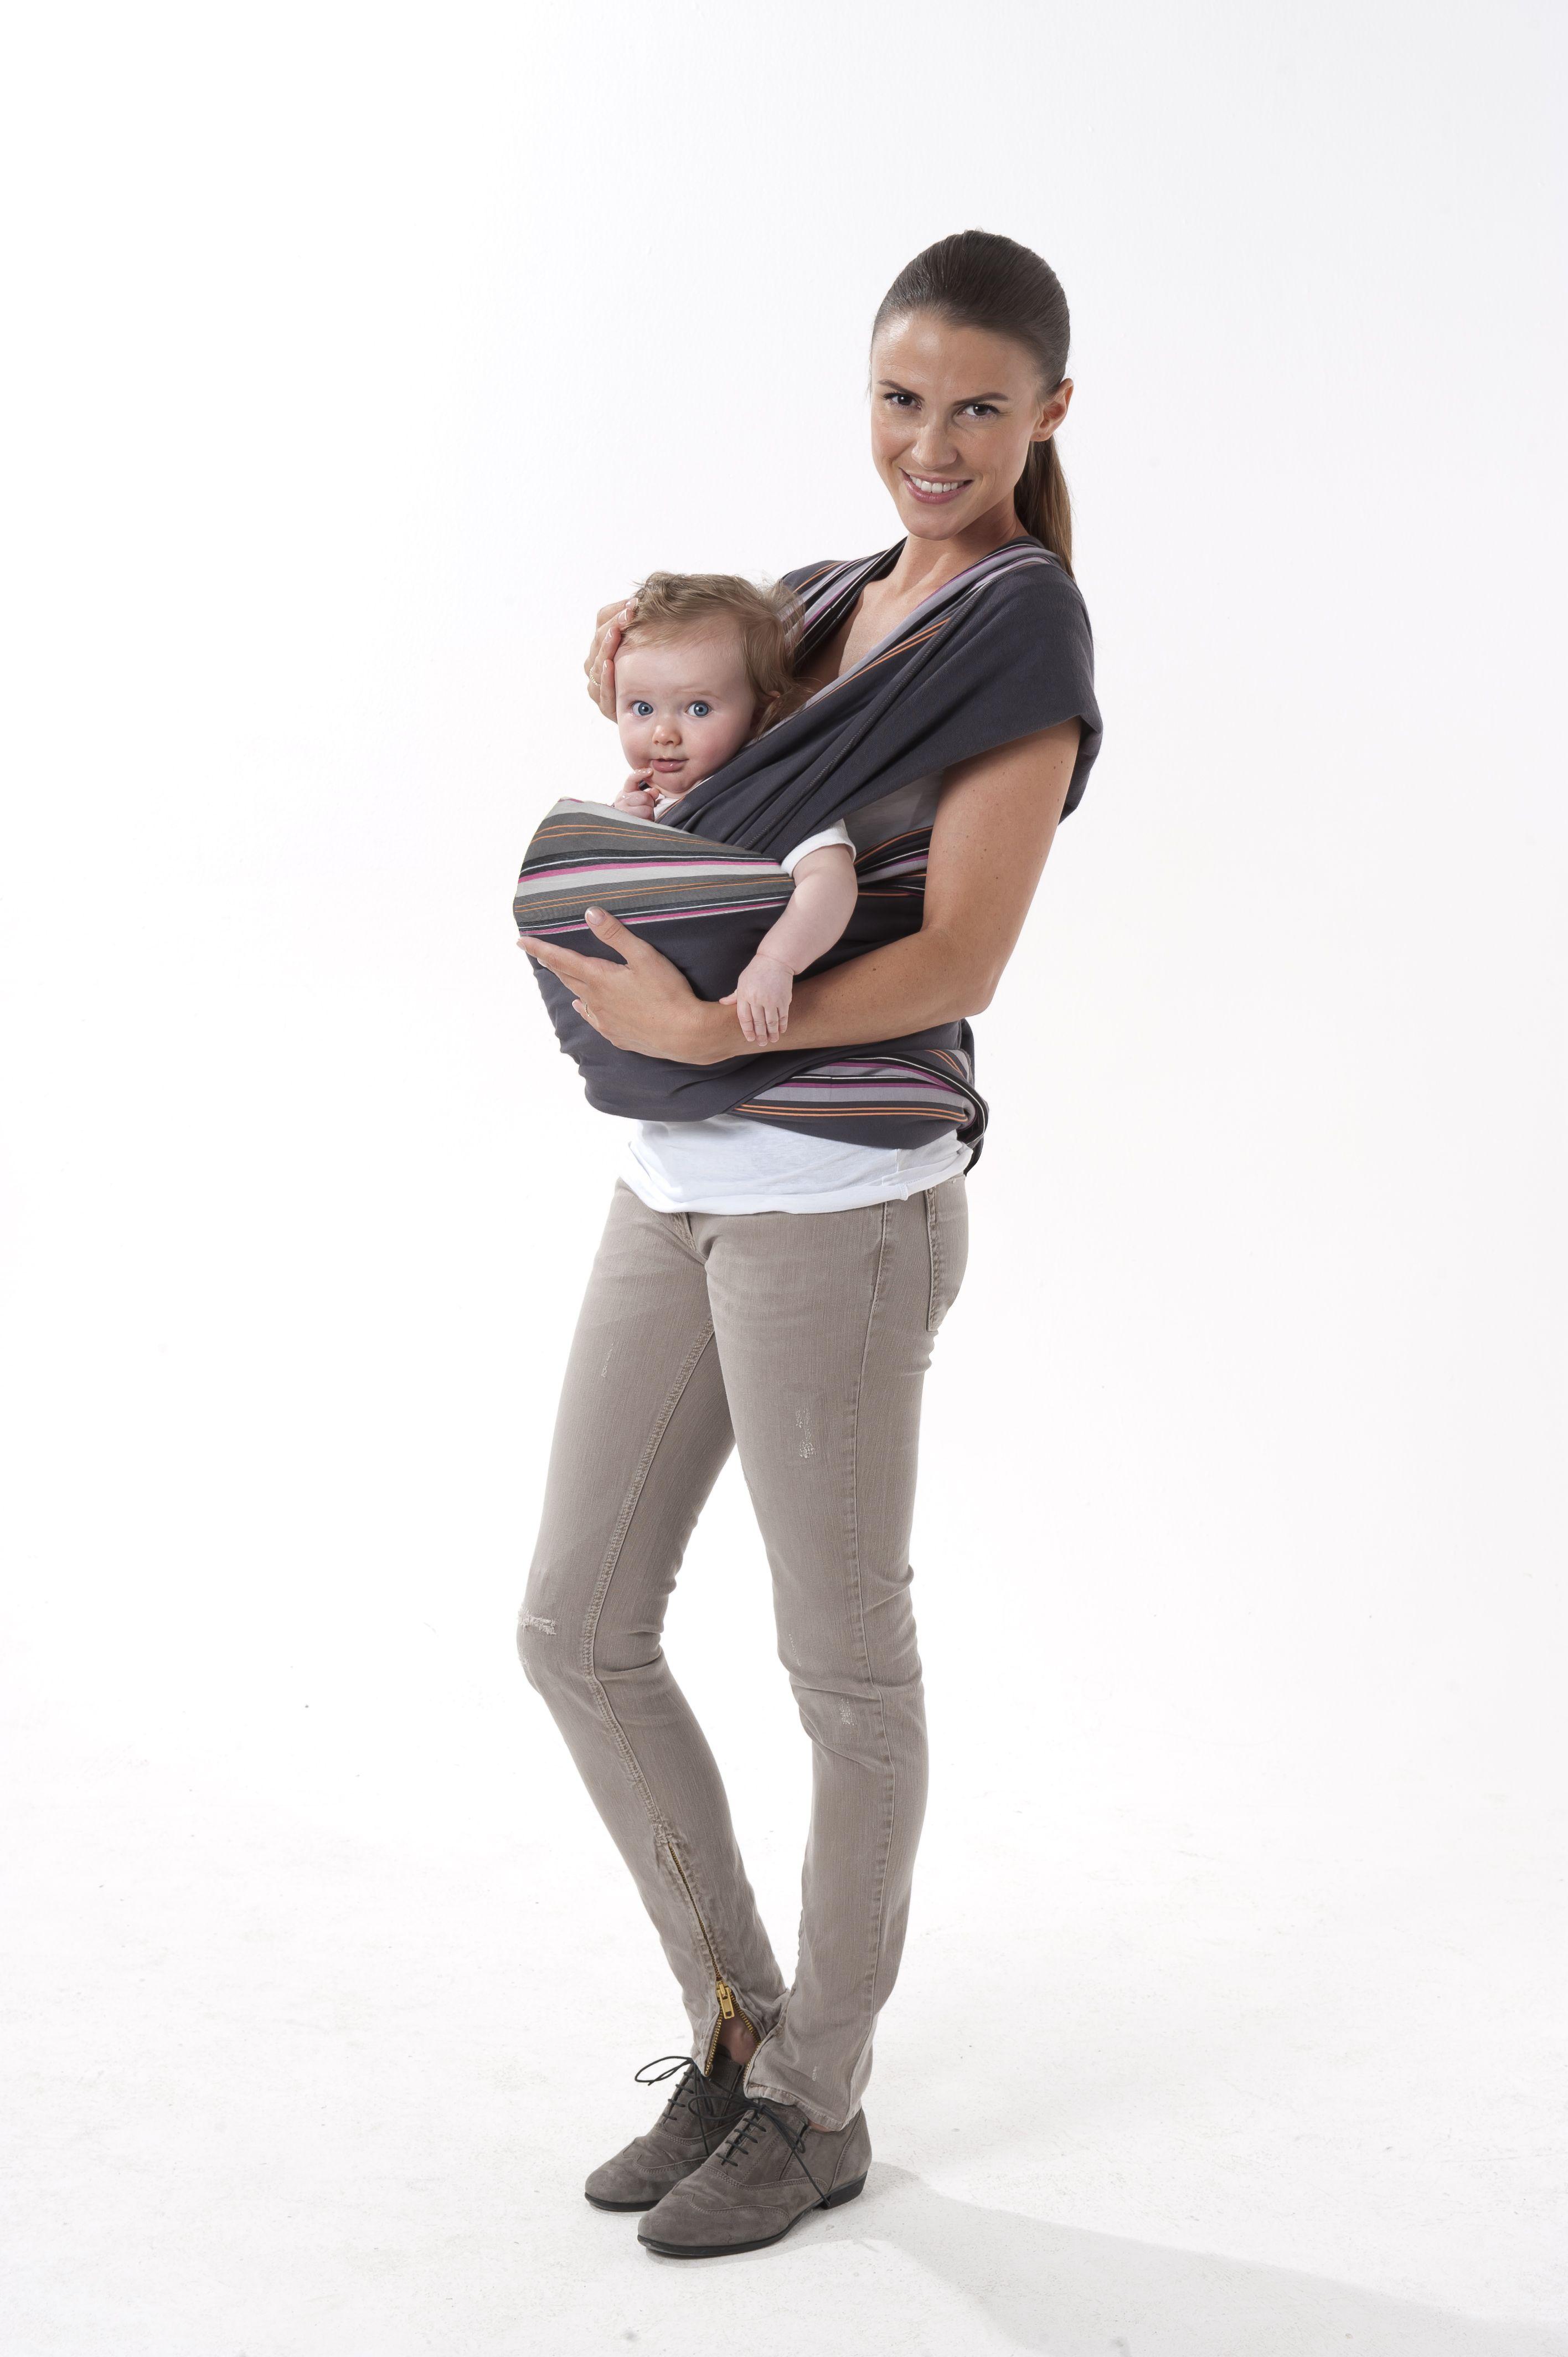 cf5e71c16f27 Porte-bébé écharpe à nouer Babymoov - position face au monde ...